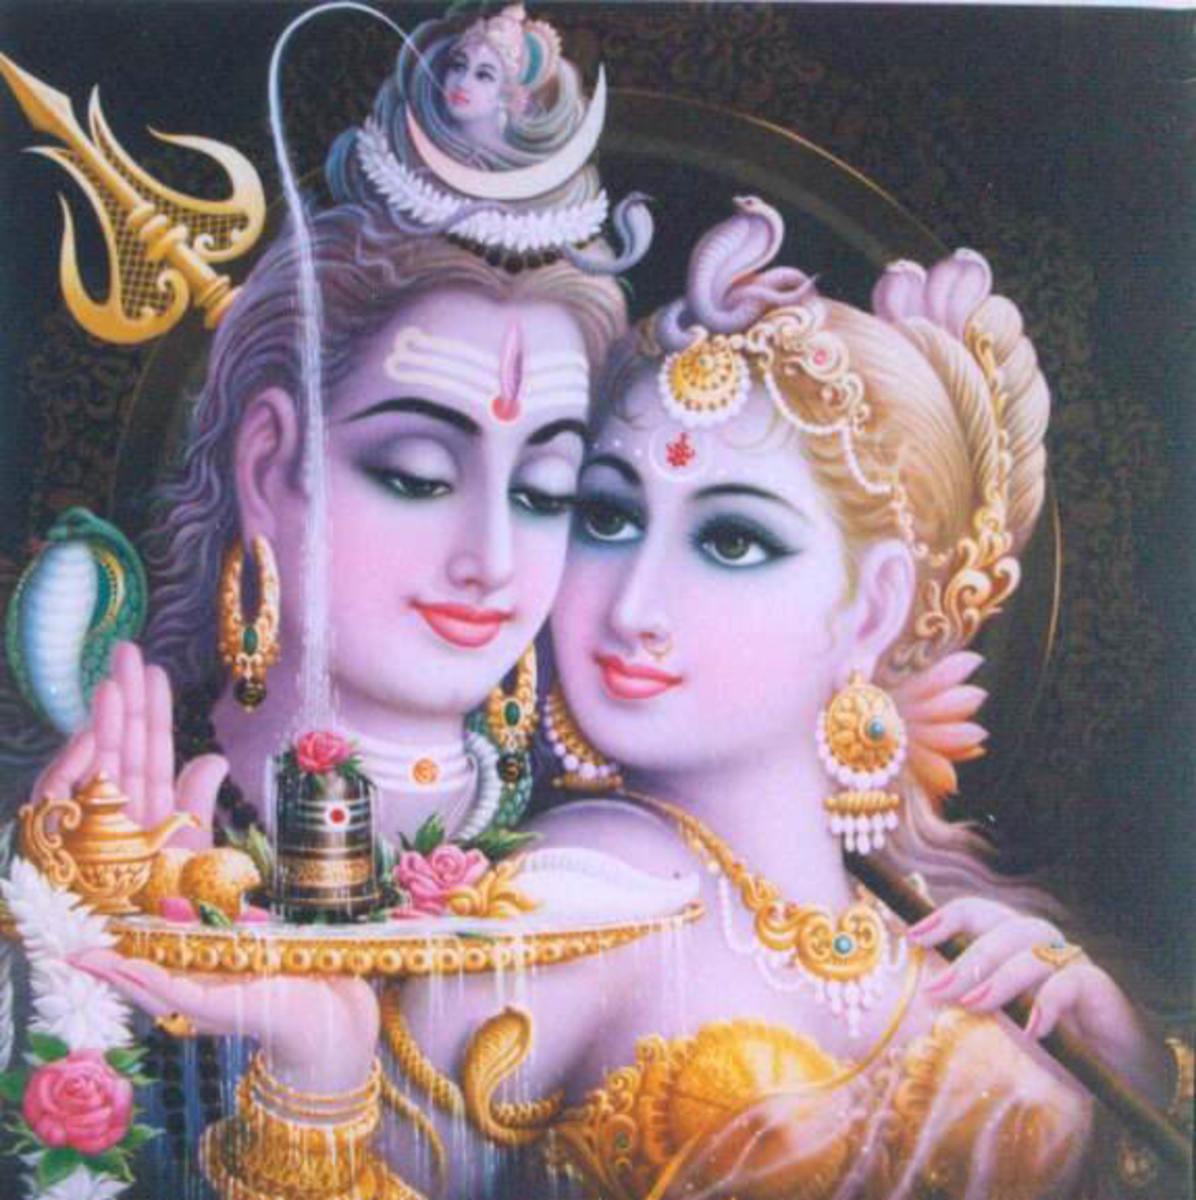 Shiva the erotic.